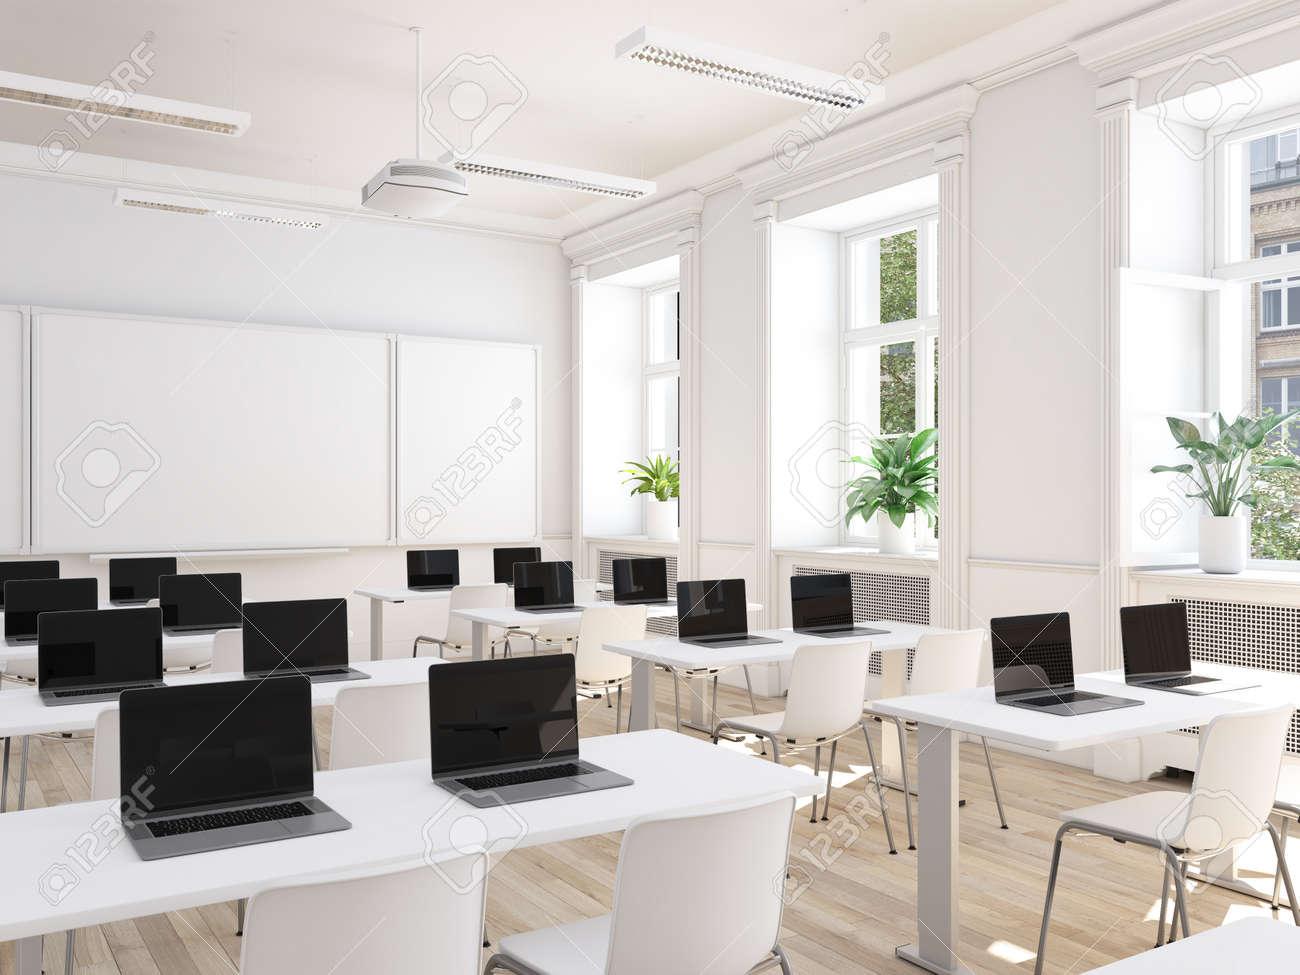 empty school classroom. 3d rendering - 102554551